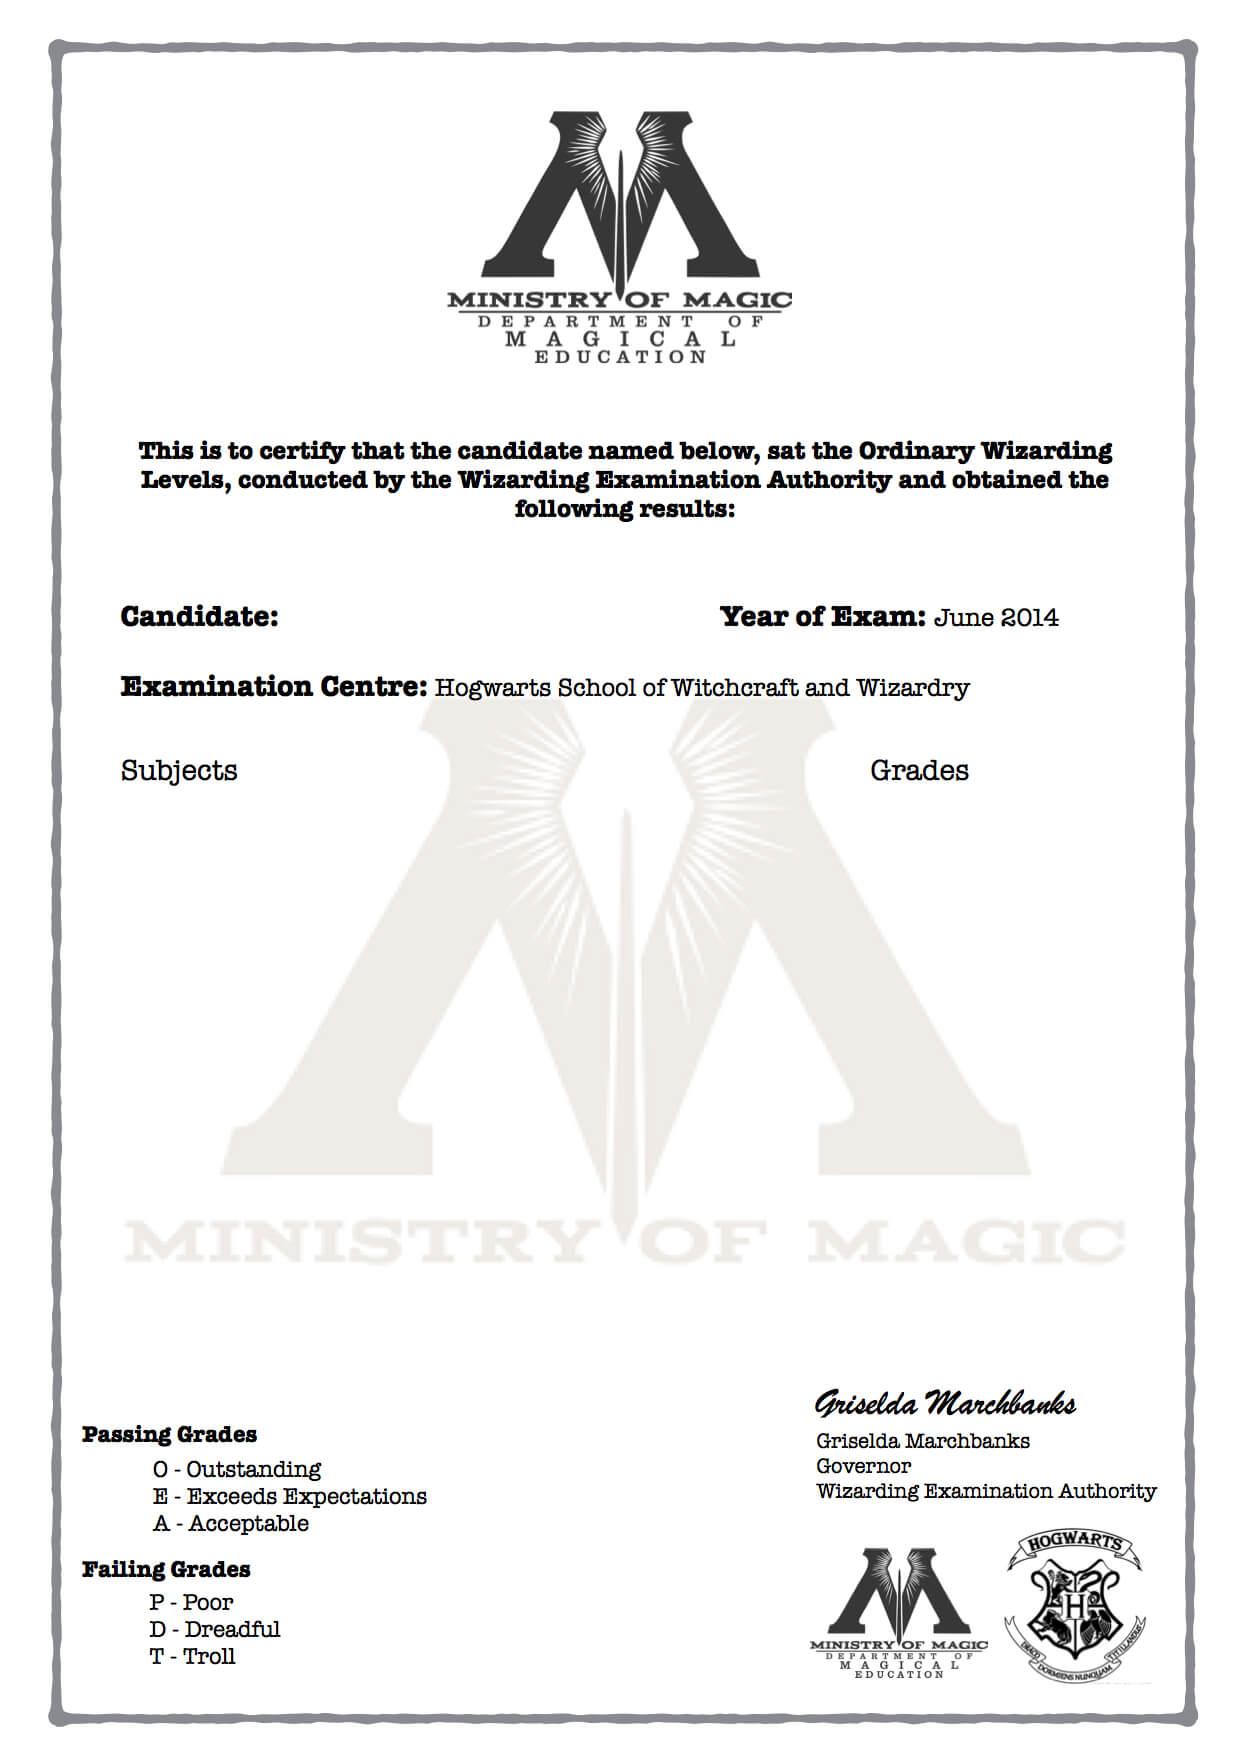 Harry Potter O.w.l's Certificate Blank Template! | Harry Pertaining To Harry Potter Certificate Template